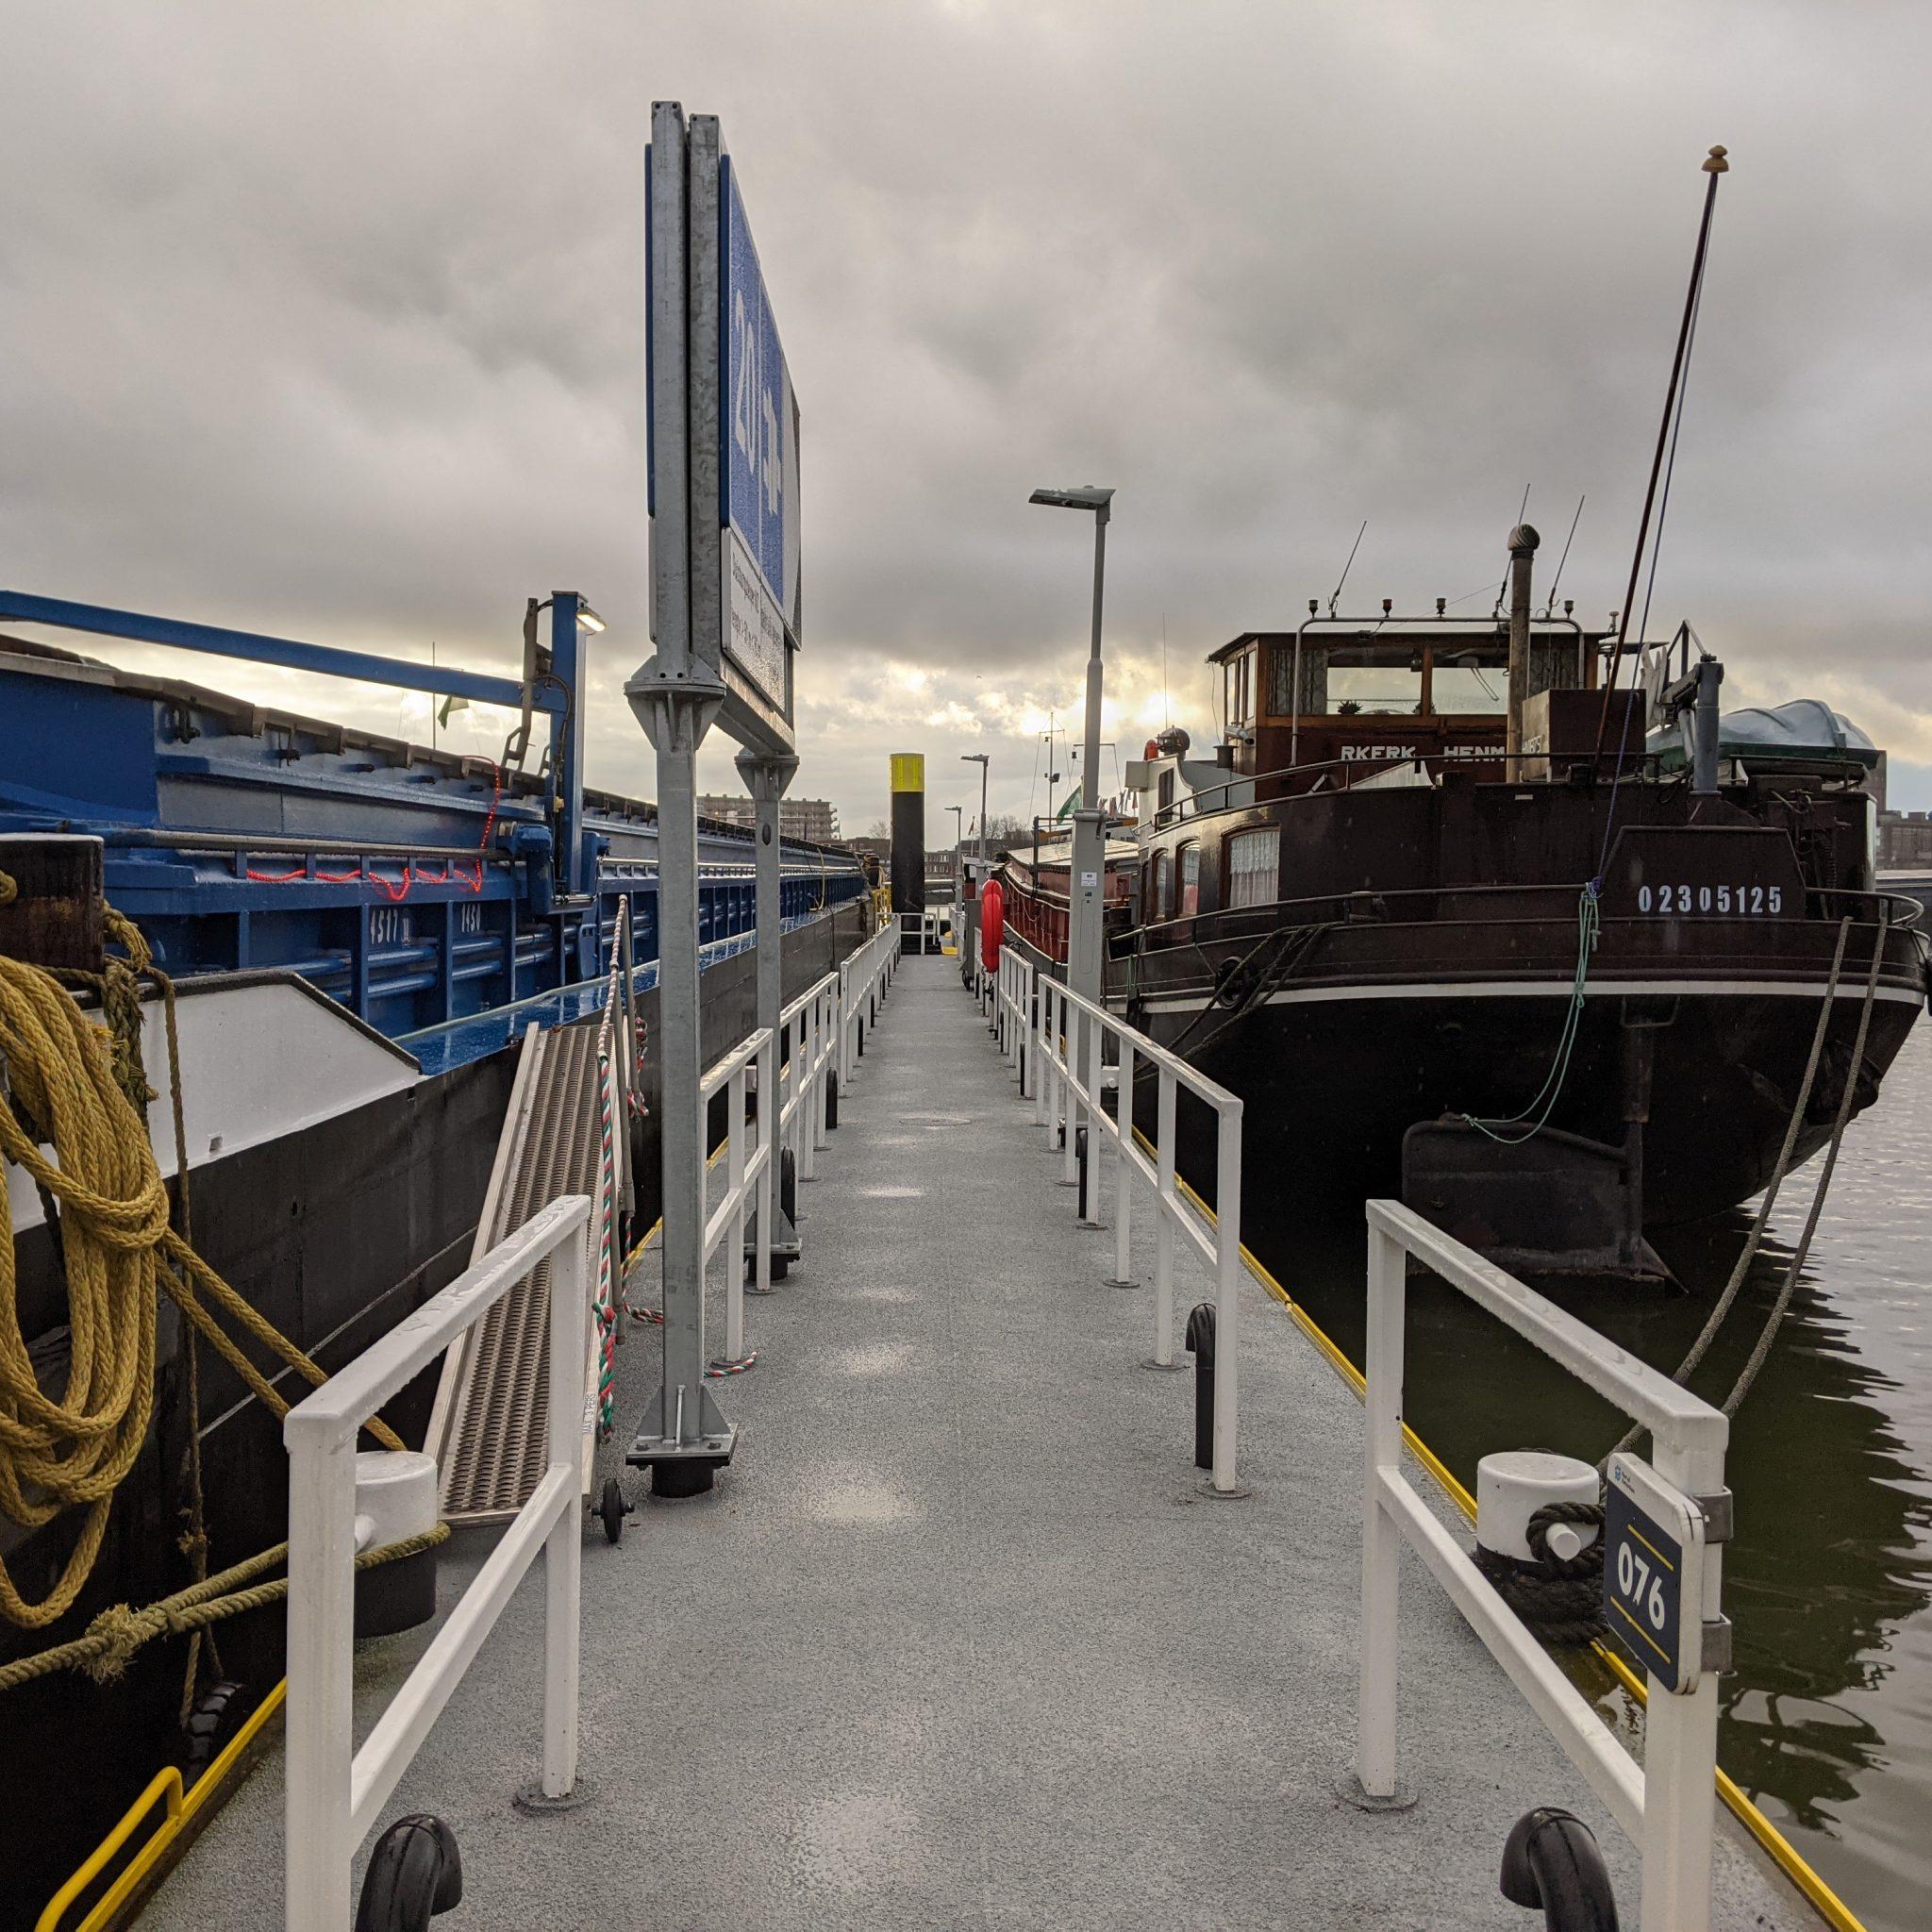 Liggen alle risico's van verduurzaming bij de binnenvaartondernemer? (Foto Robin van den Bovenkamp)